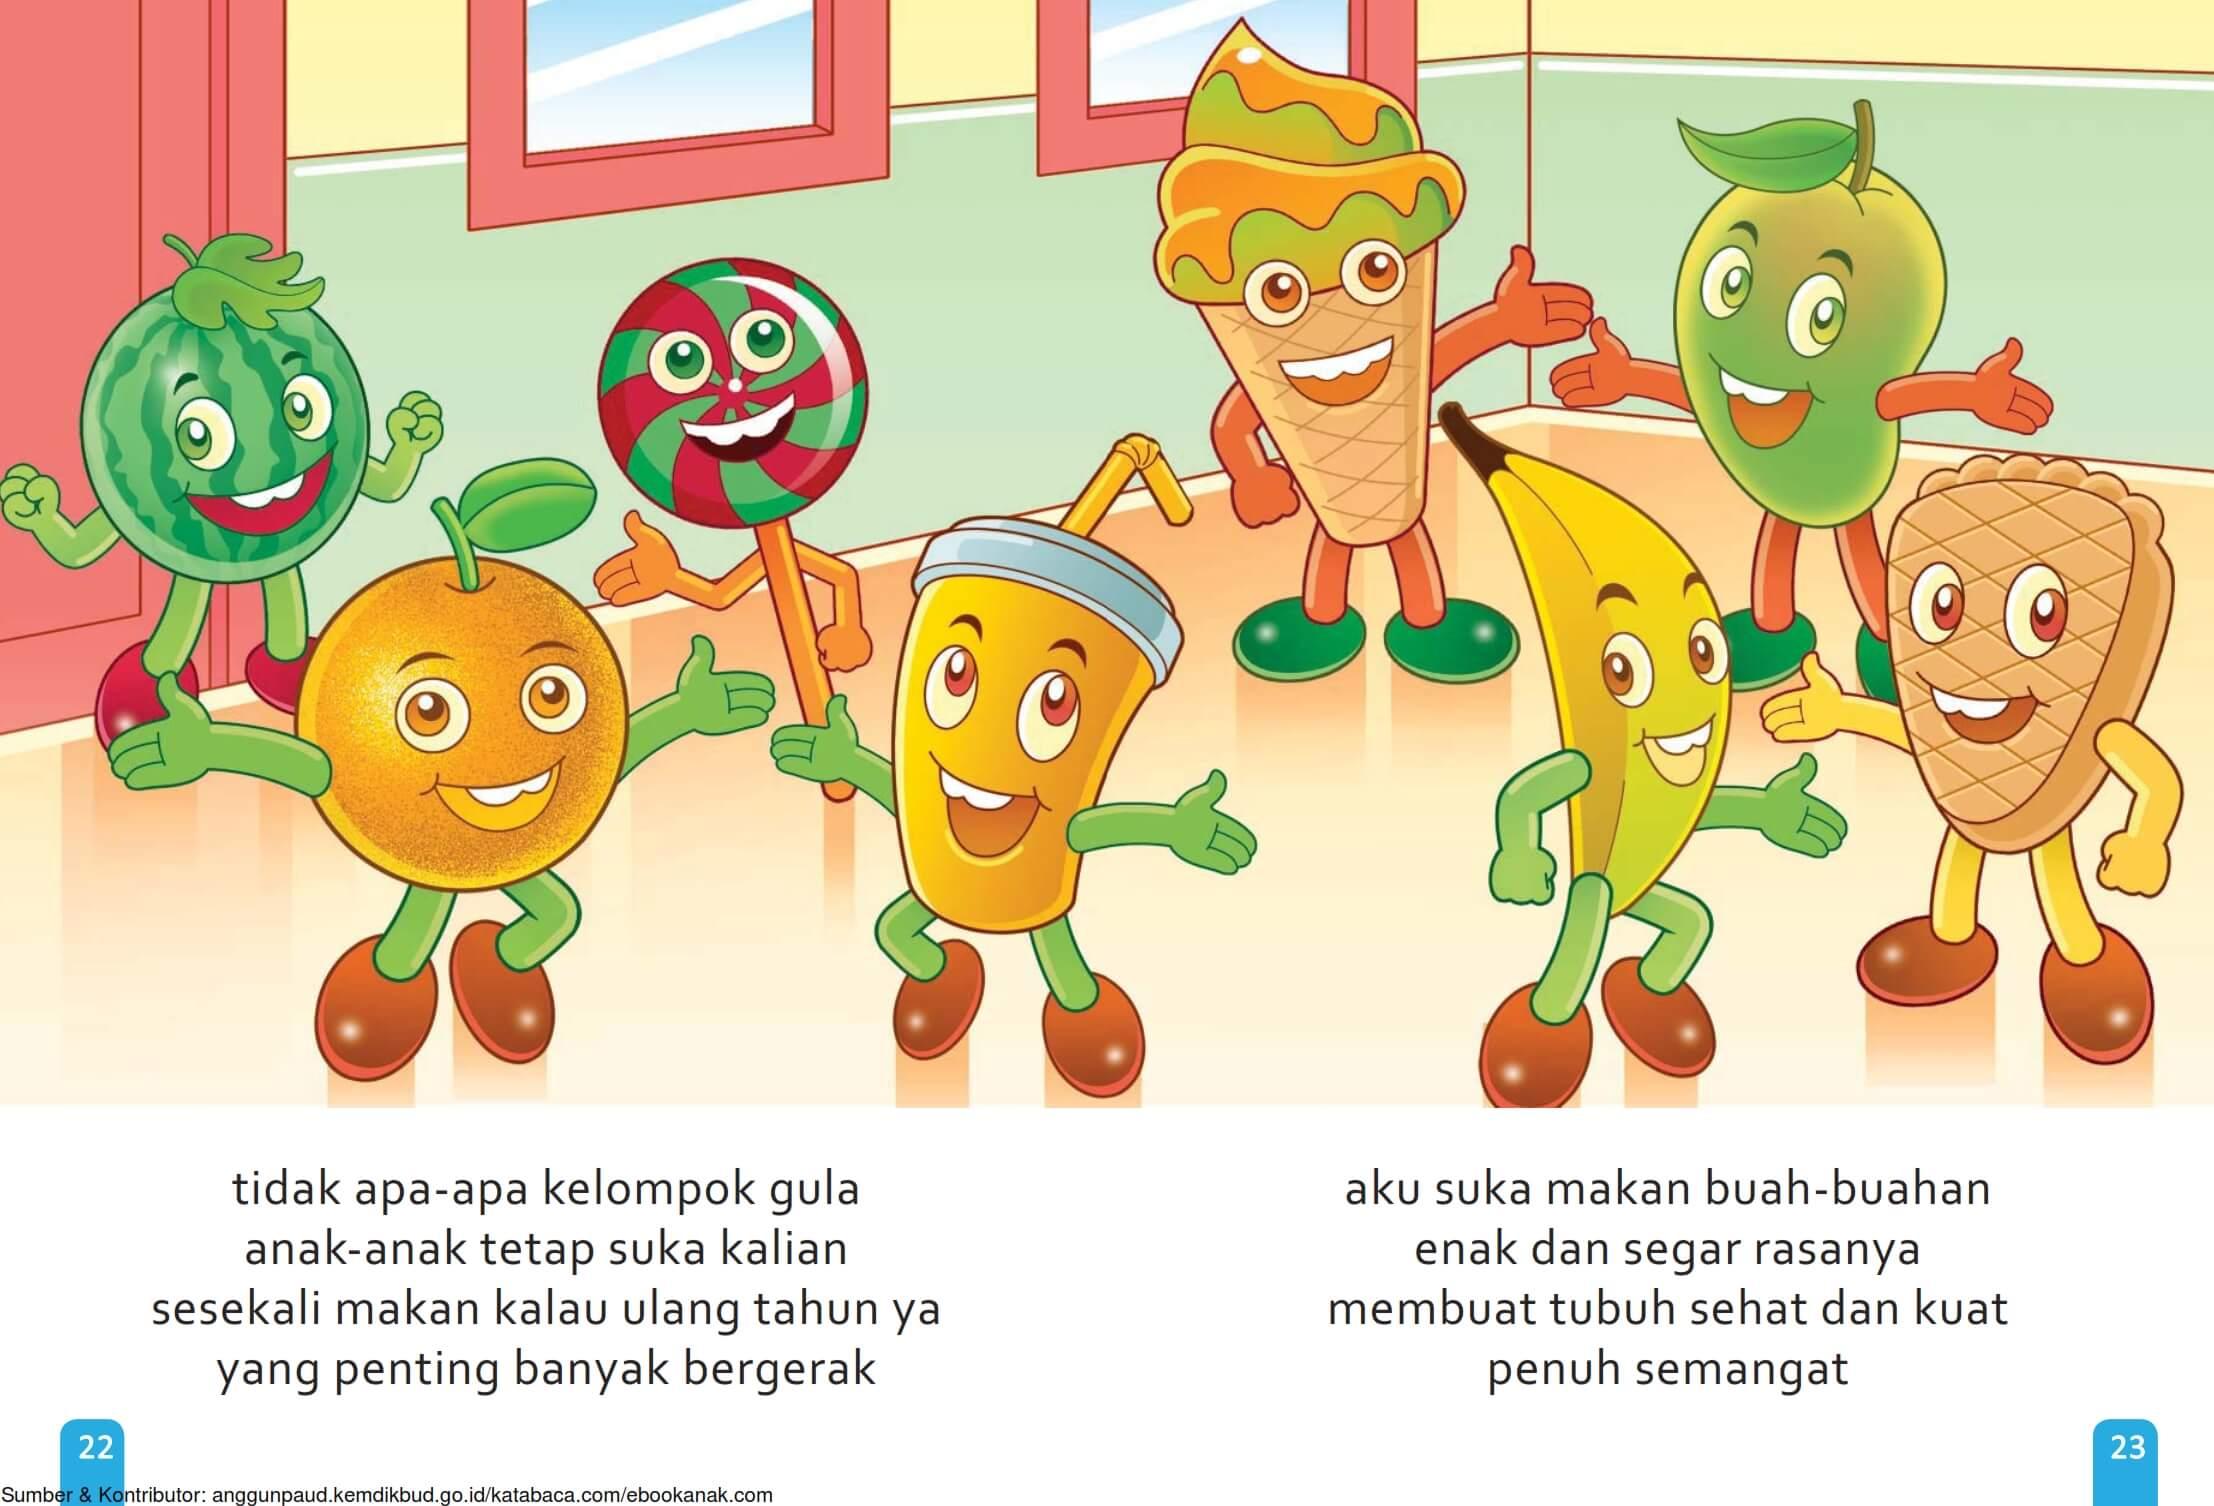 Ebook Cerita Anak, Aku Suka Buah, Enak dan Segar Rasanya (14)